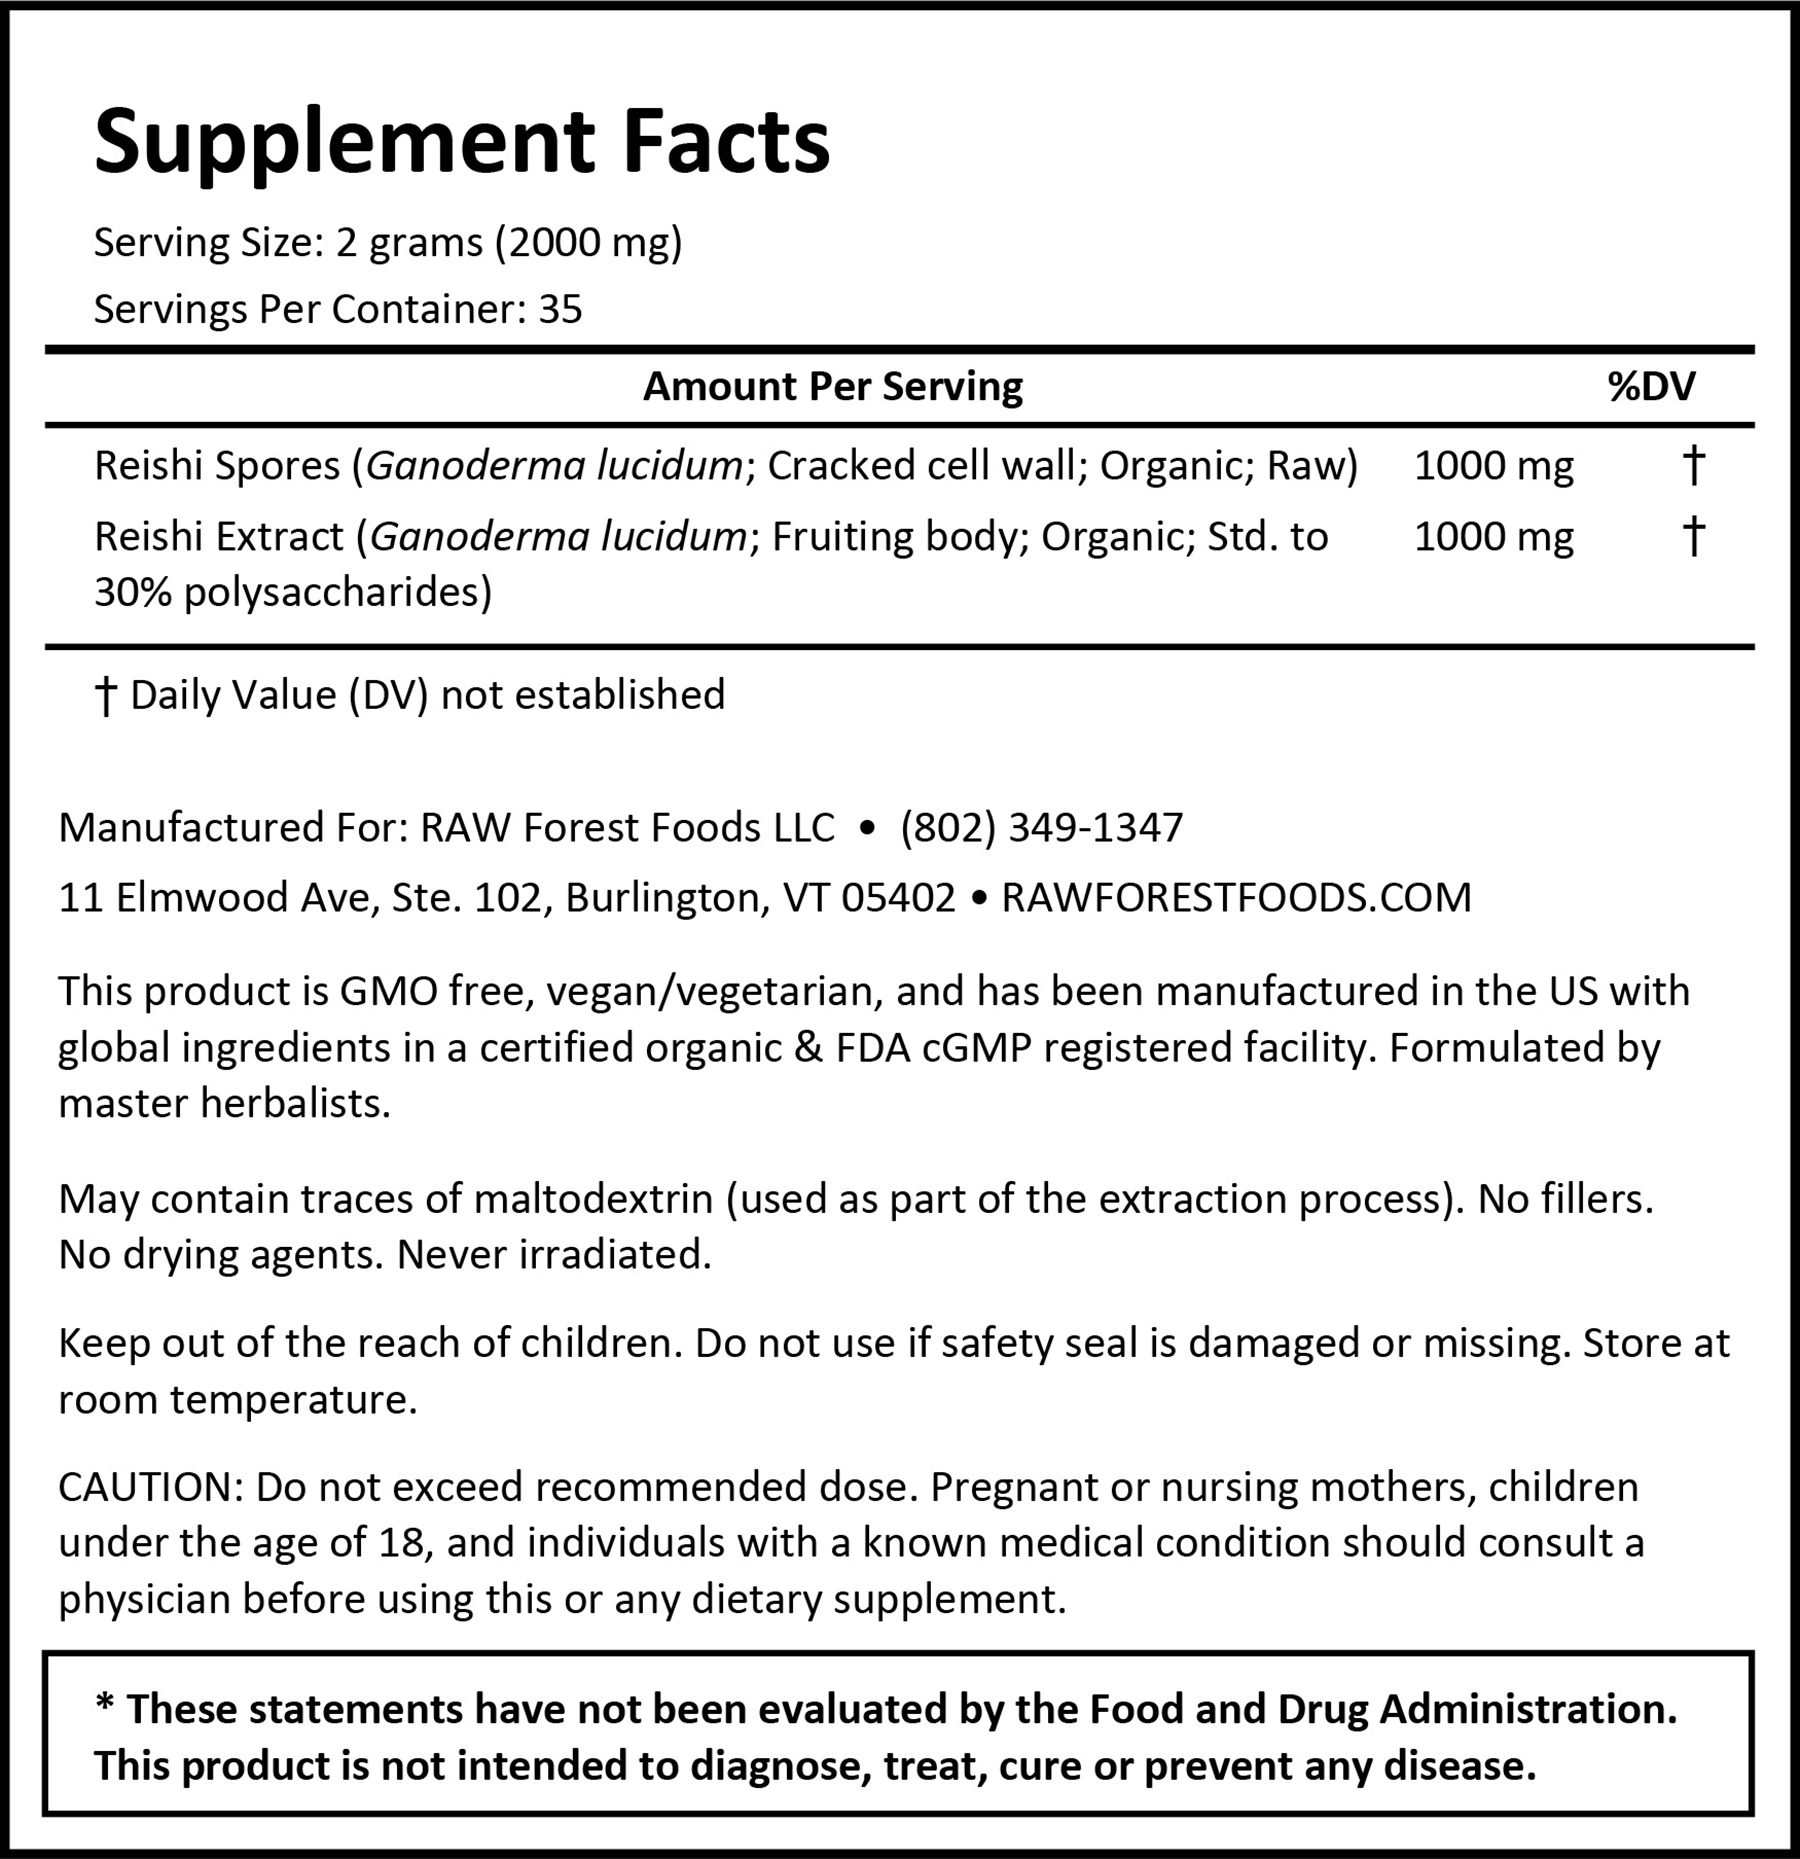 reishi-buddha-blend-supplement-facts.jpg